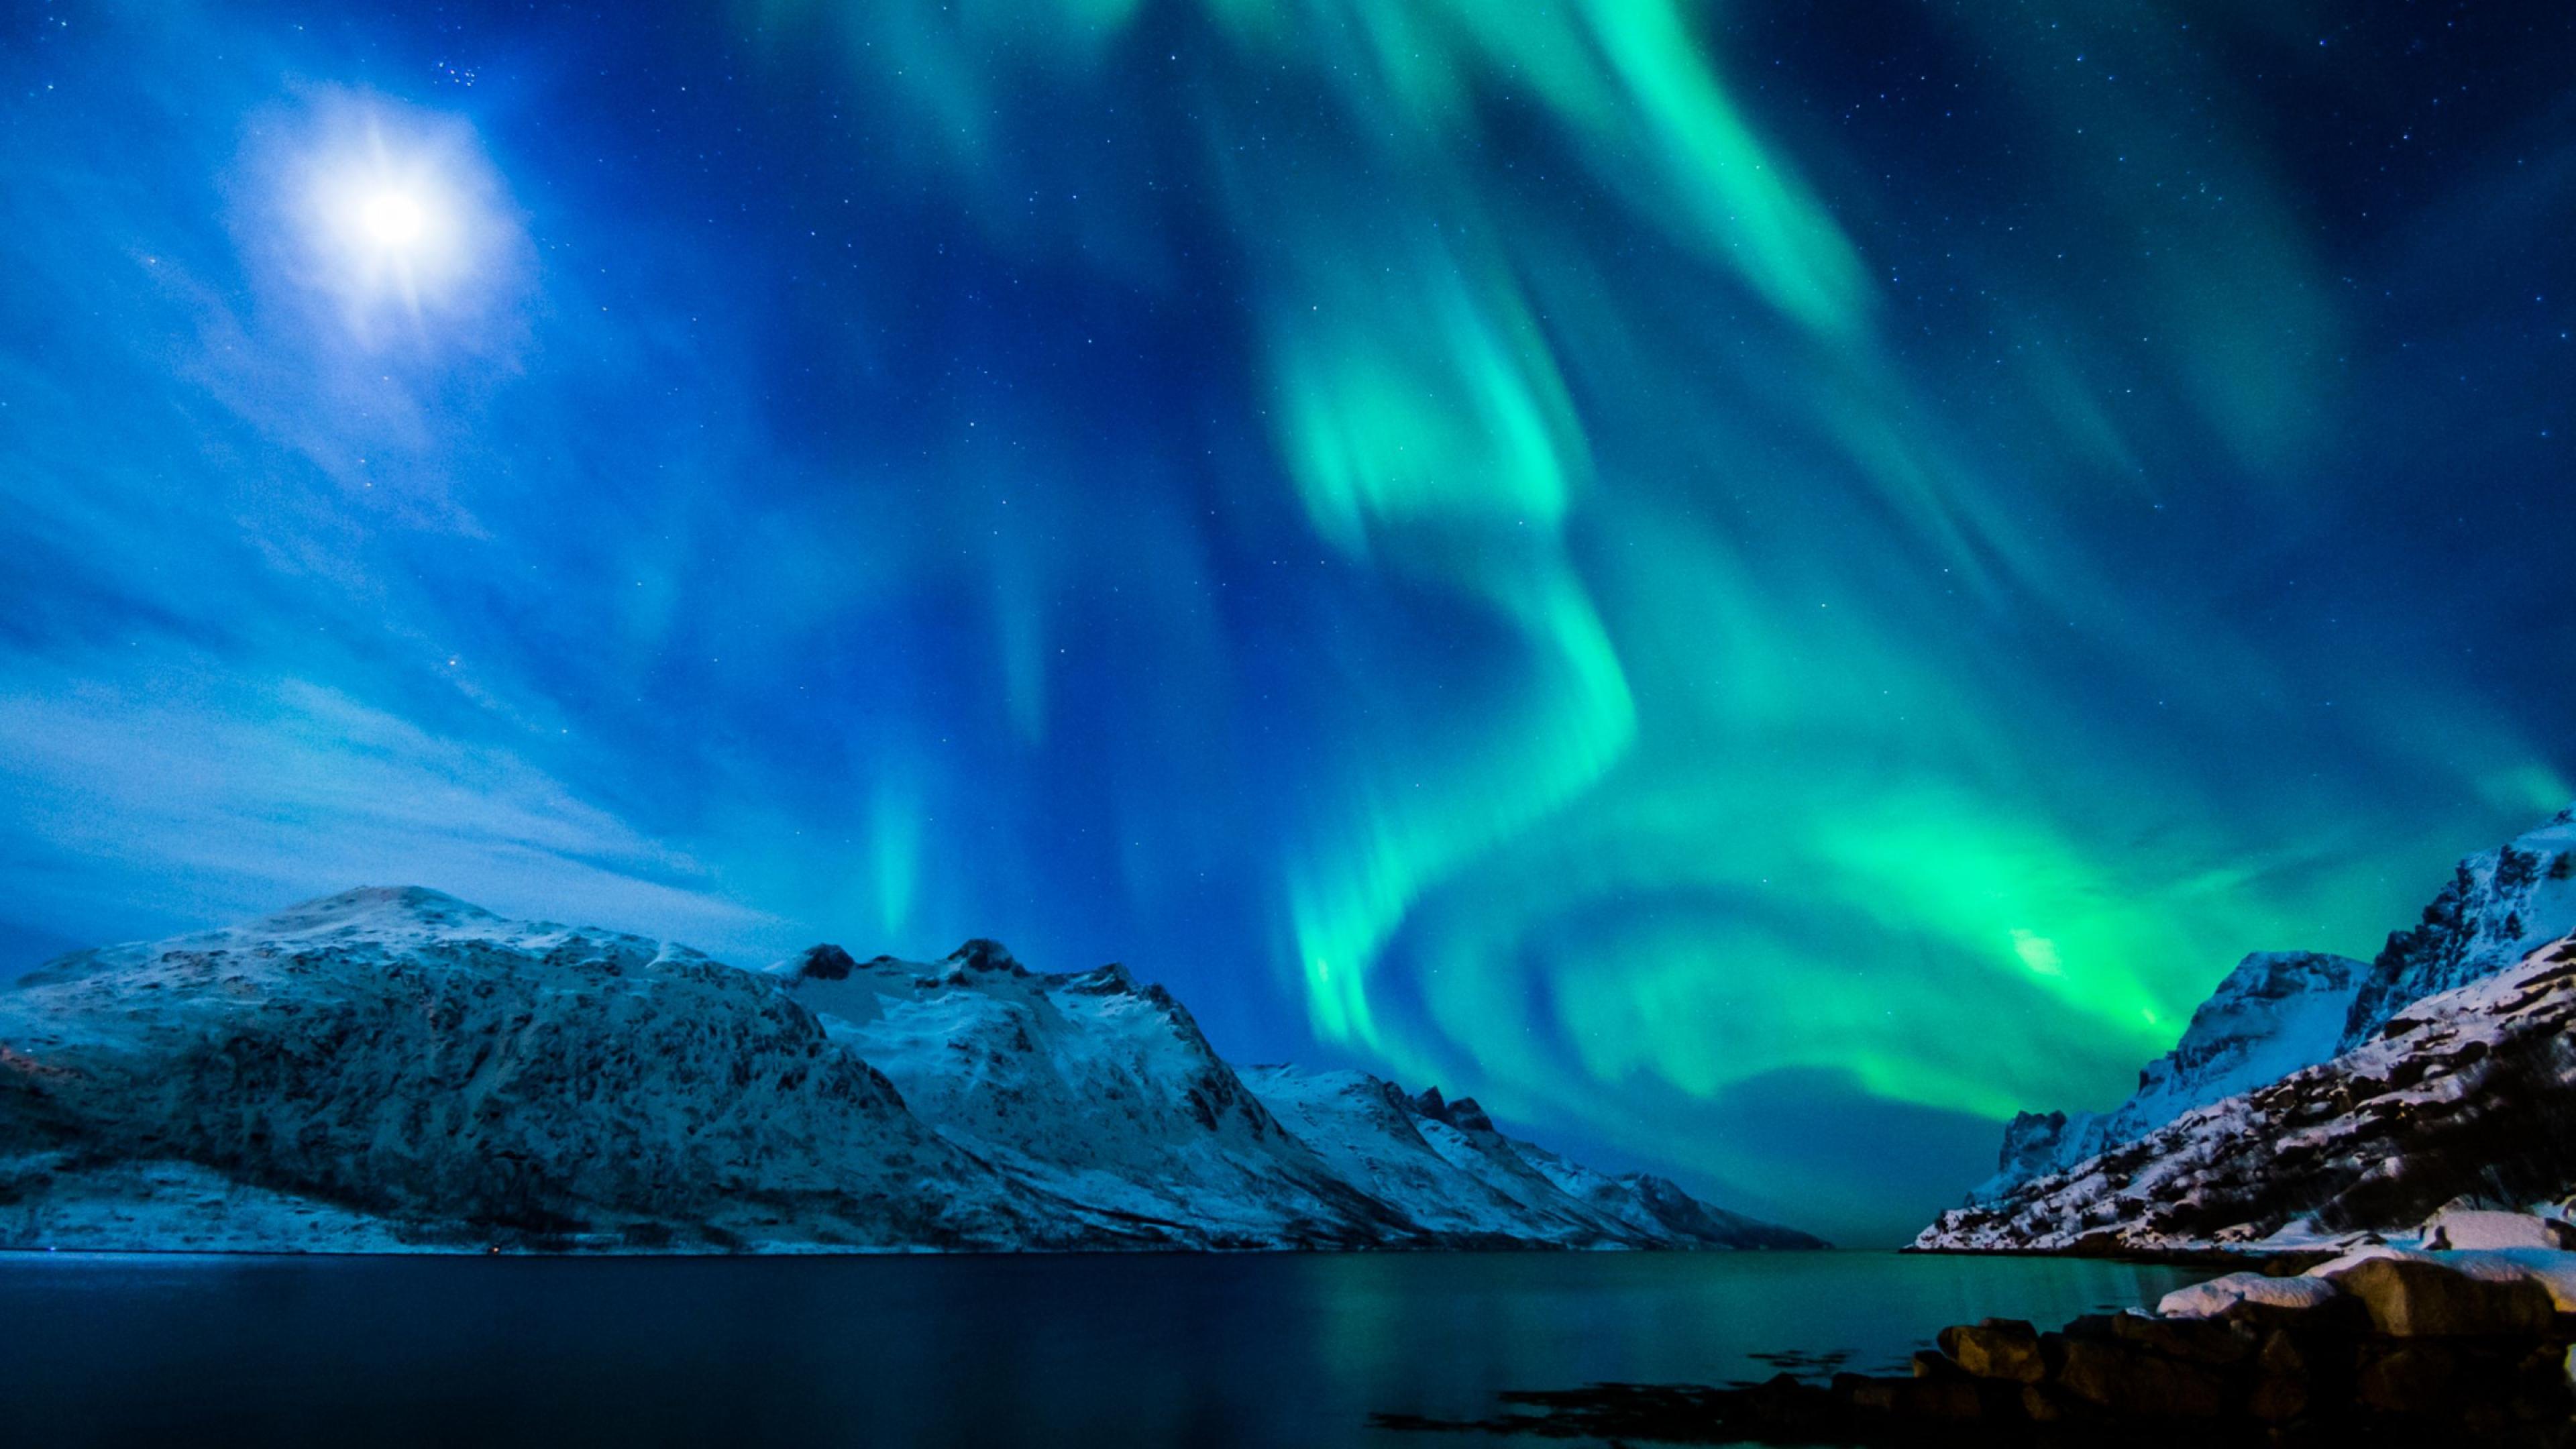 4K Aurora Wallpaper - WallpaperSafari